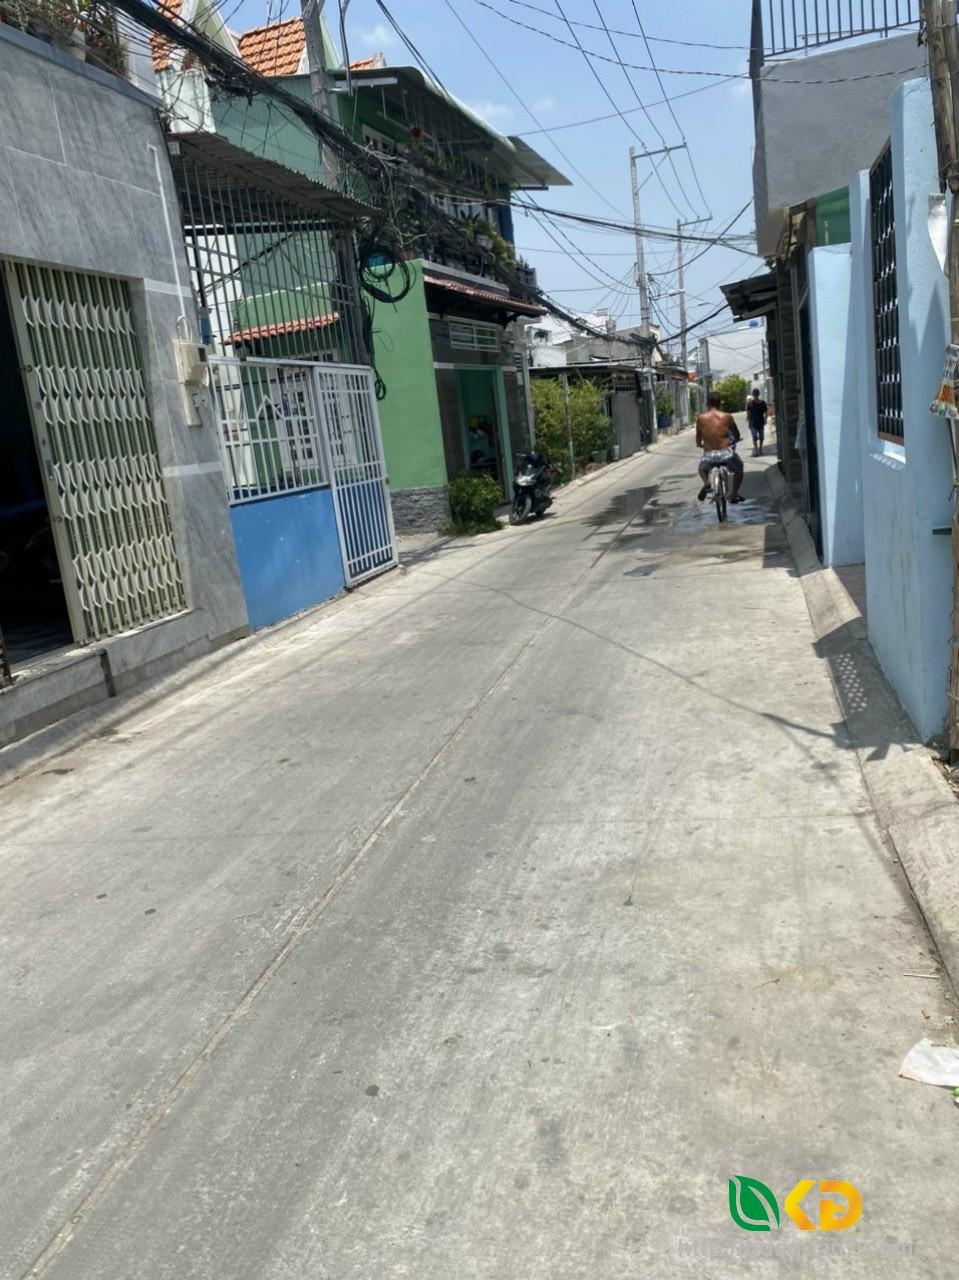 Bán lô đất nền hẻm 96 Đào Tông Nguyên, Phú Xuân, Nhà Bè.